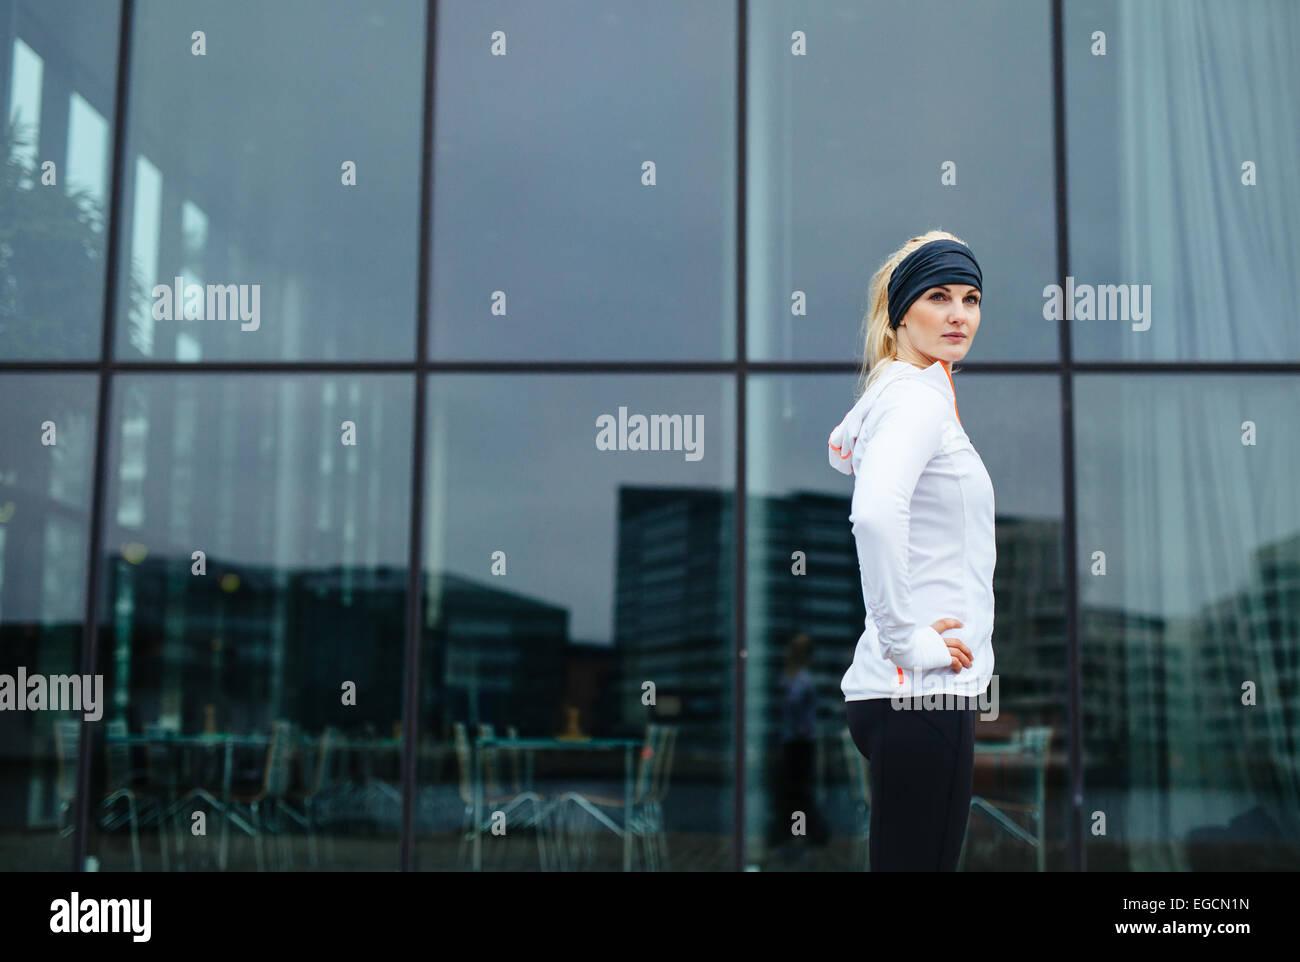 Retrato de seguros joven de pie con las manos en las caderas mirando a la cámara. Modelo de Fitness al aire Imagen De Stock